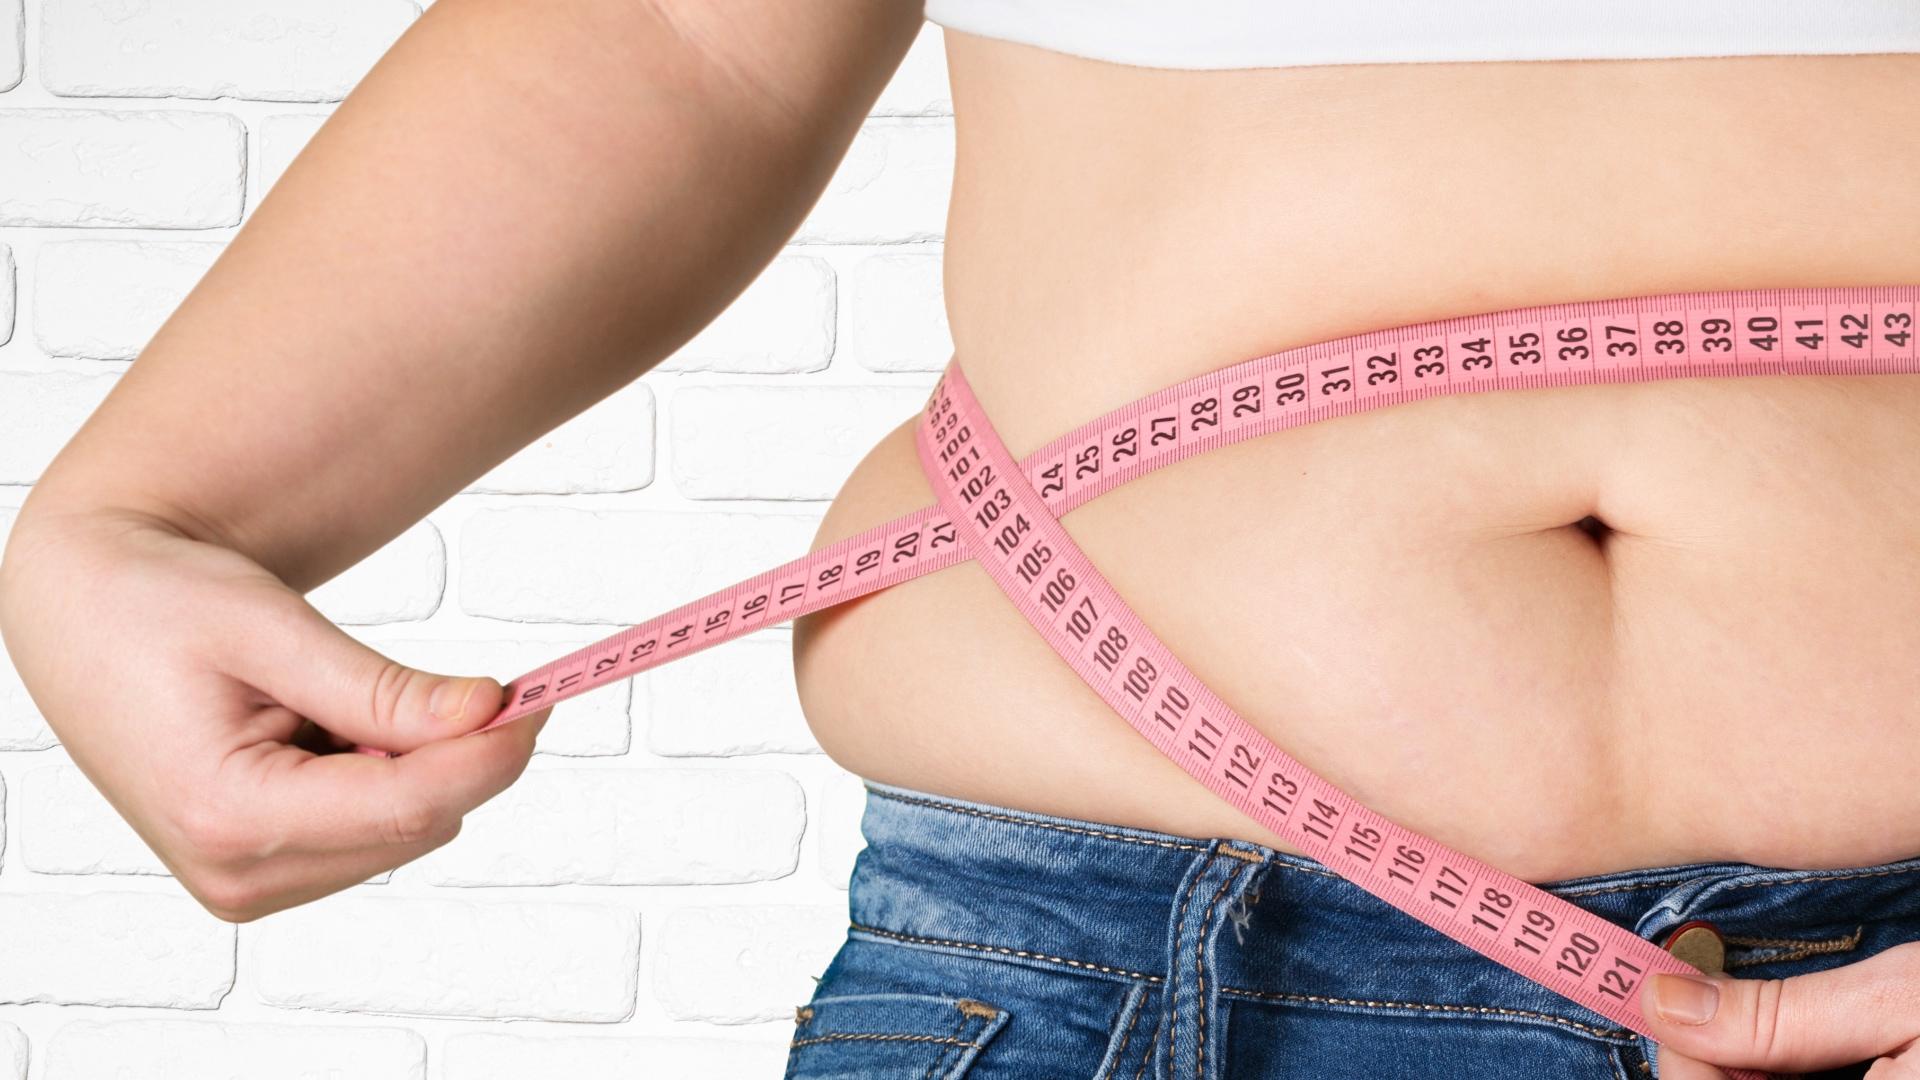 Tłuszcze przyczyną tycia - nowe wyniki badań